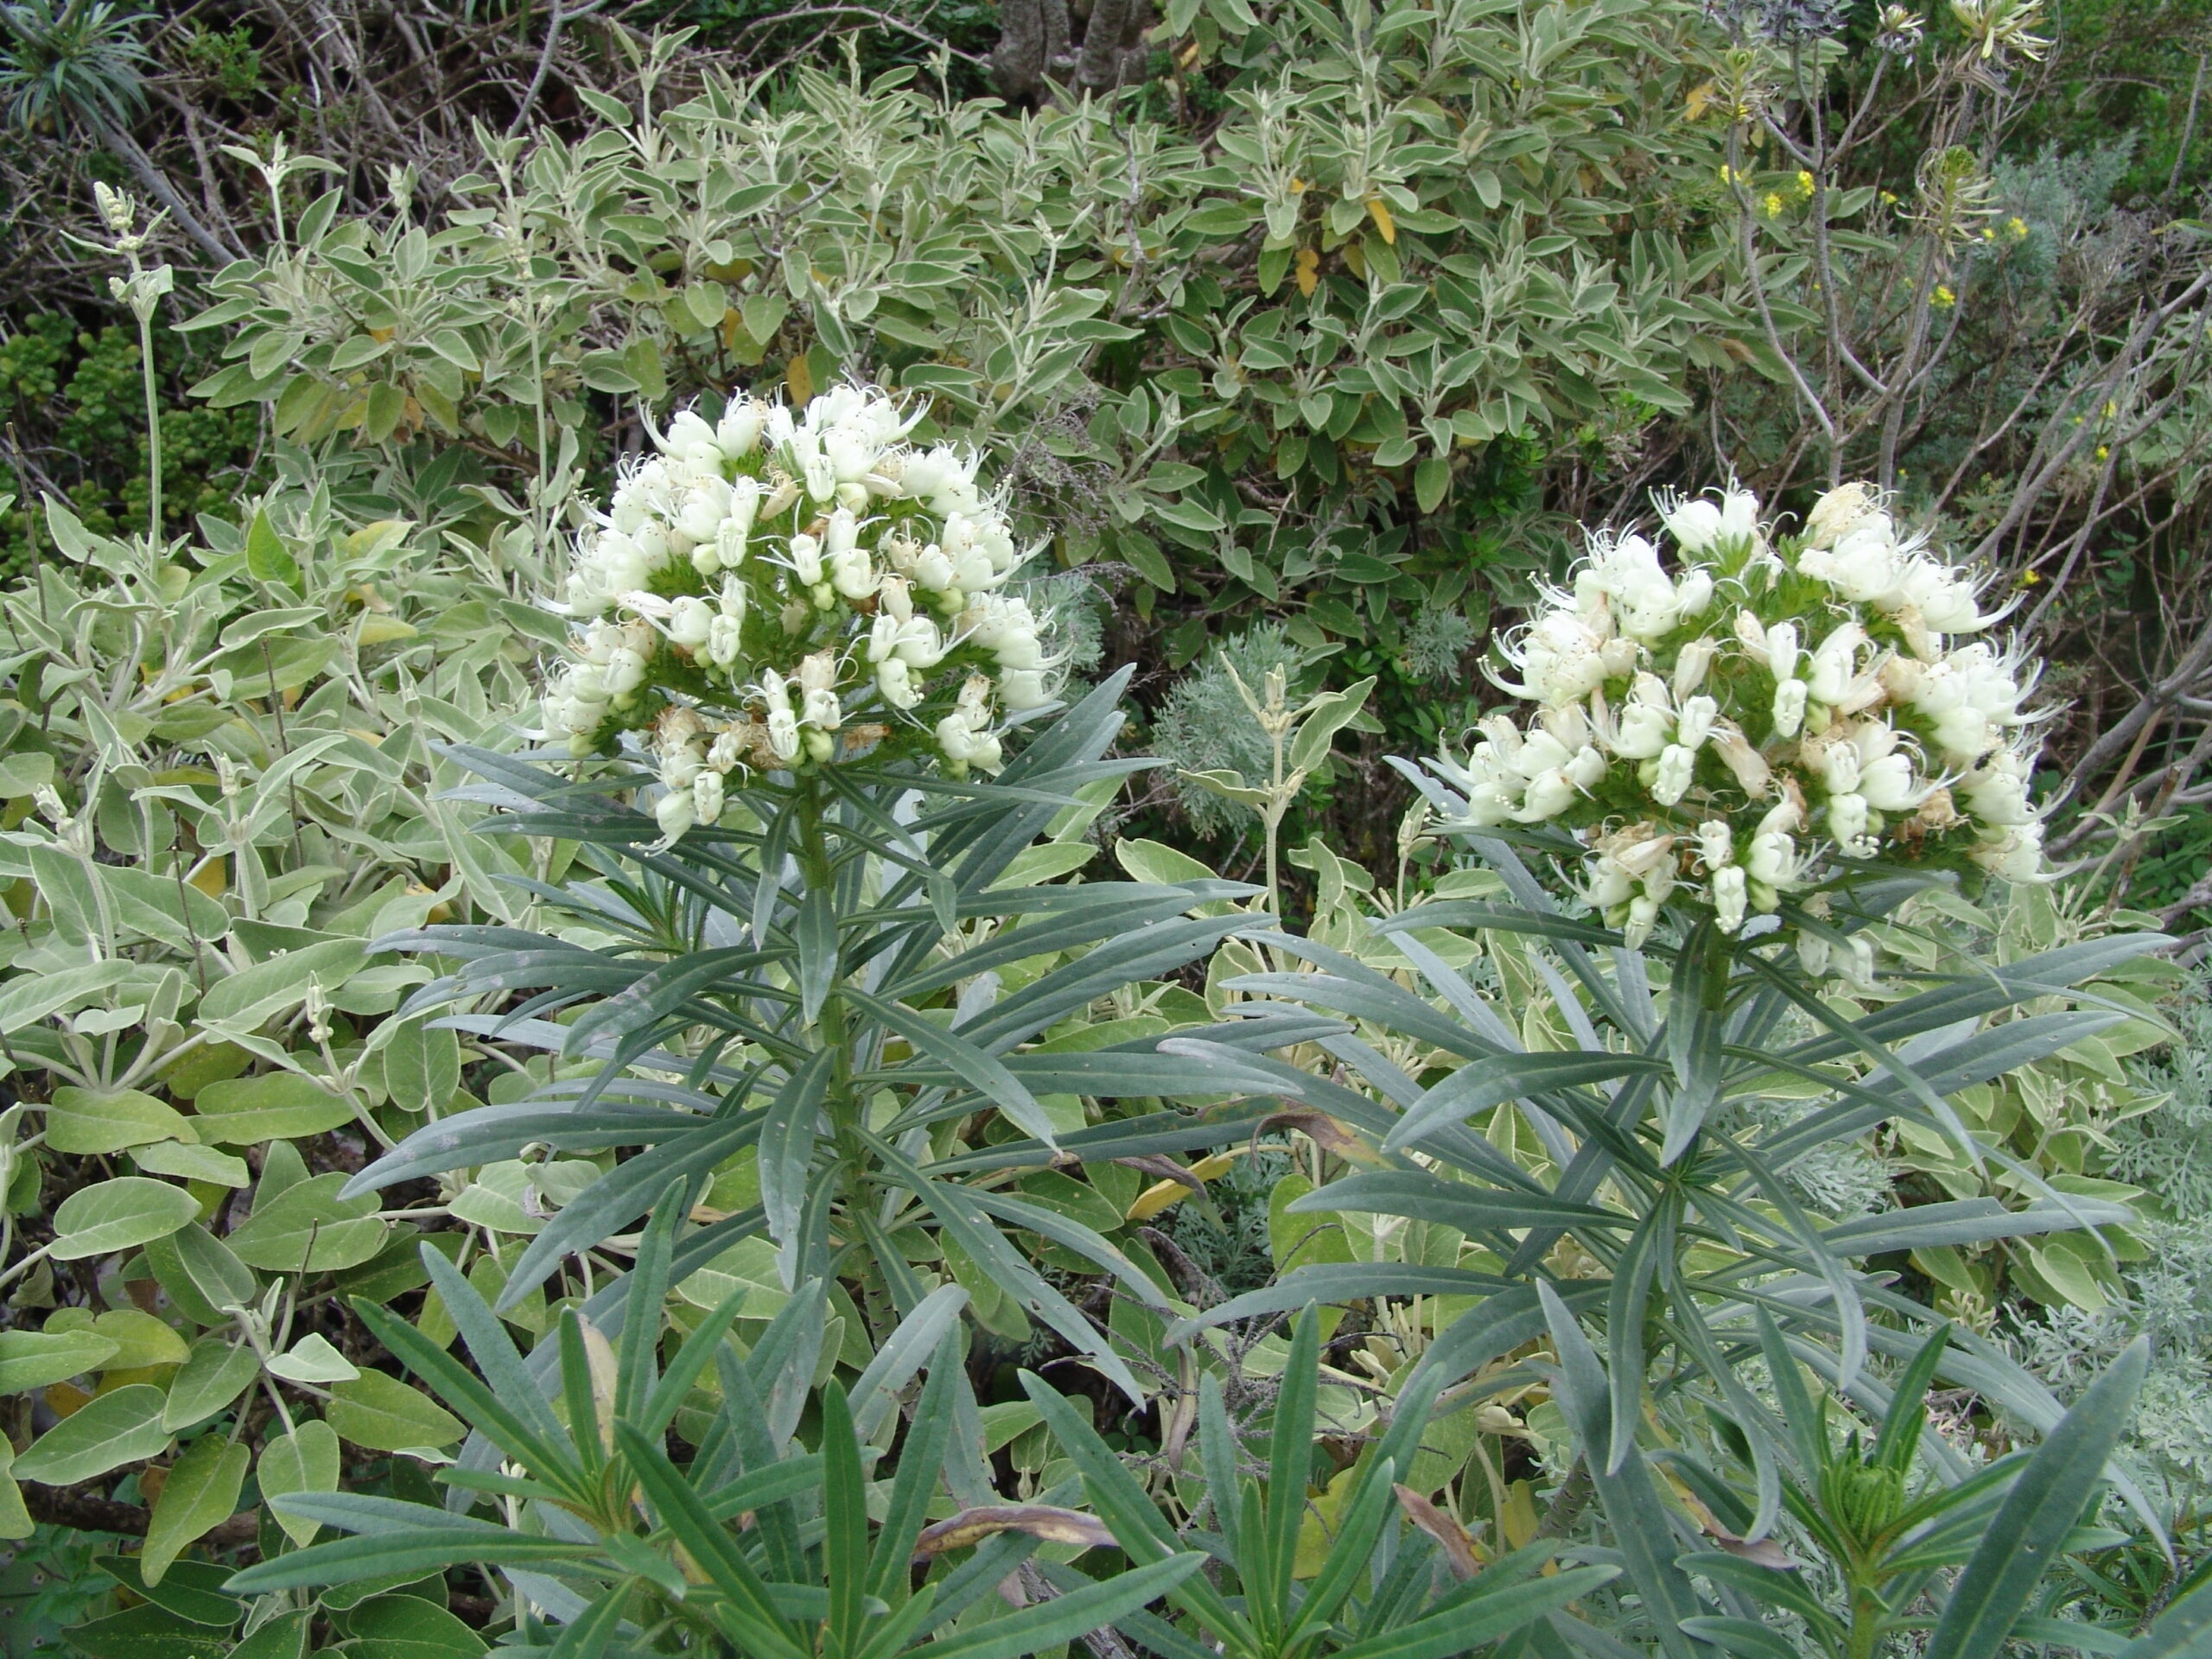 sabinarpuntaanaga1-052-flor-echium-leucophaeum-2-scaled.jpg